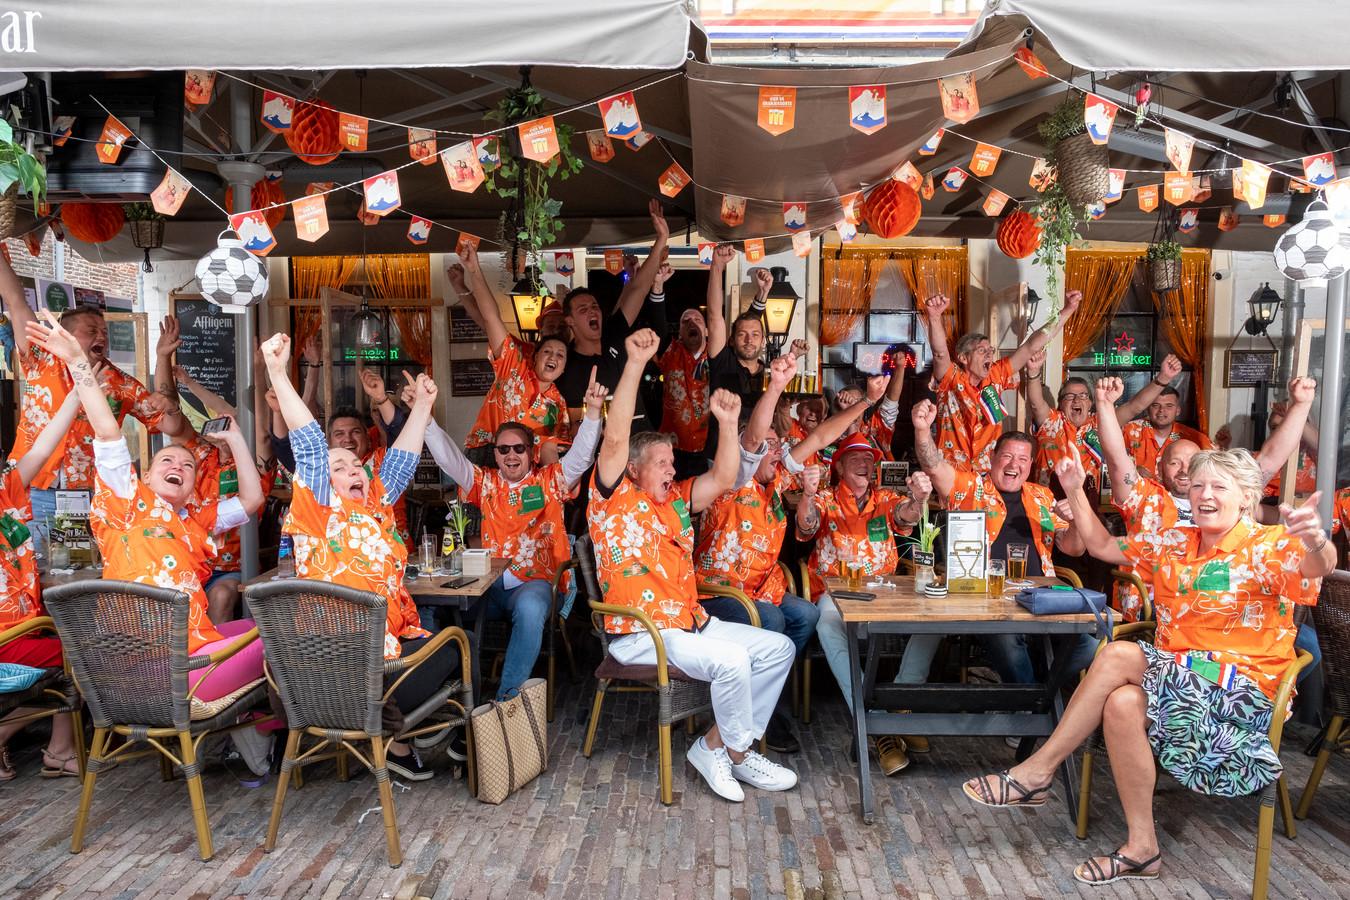 Bij City Bar in Elburg kunnen ze niet wachten om komende zondag weer Oranje te kijken.